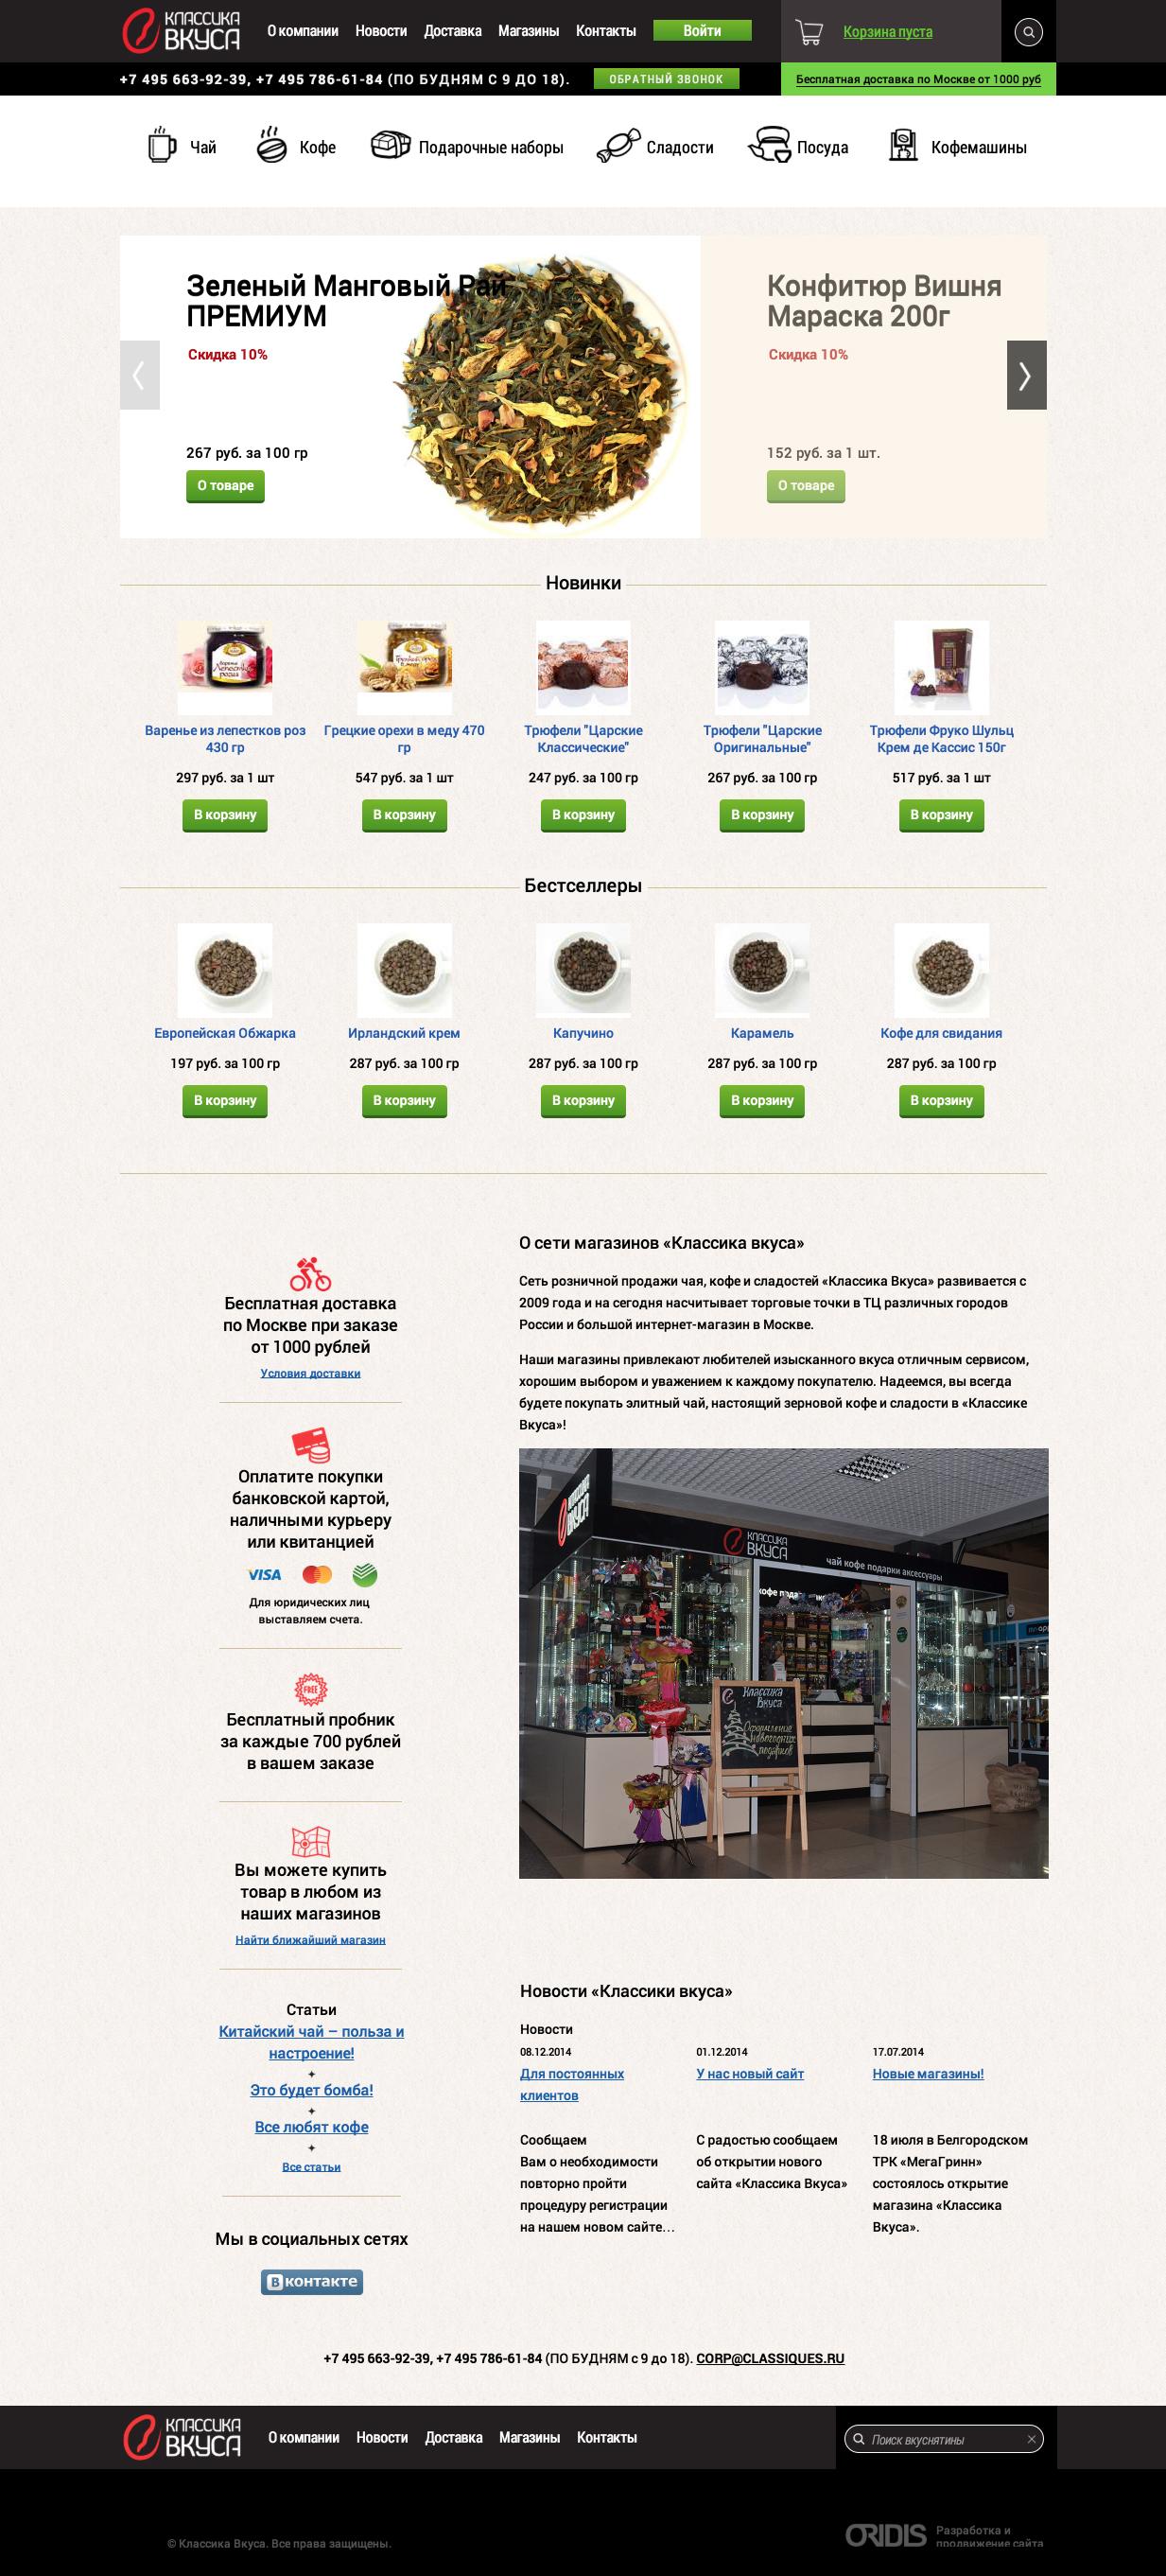 4cbbc17fdb8 Проект «Классика Вкуса» - интернет-магазин чая и кофе